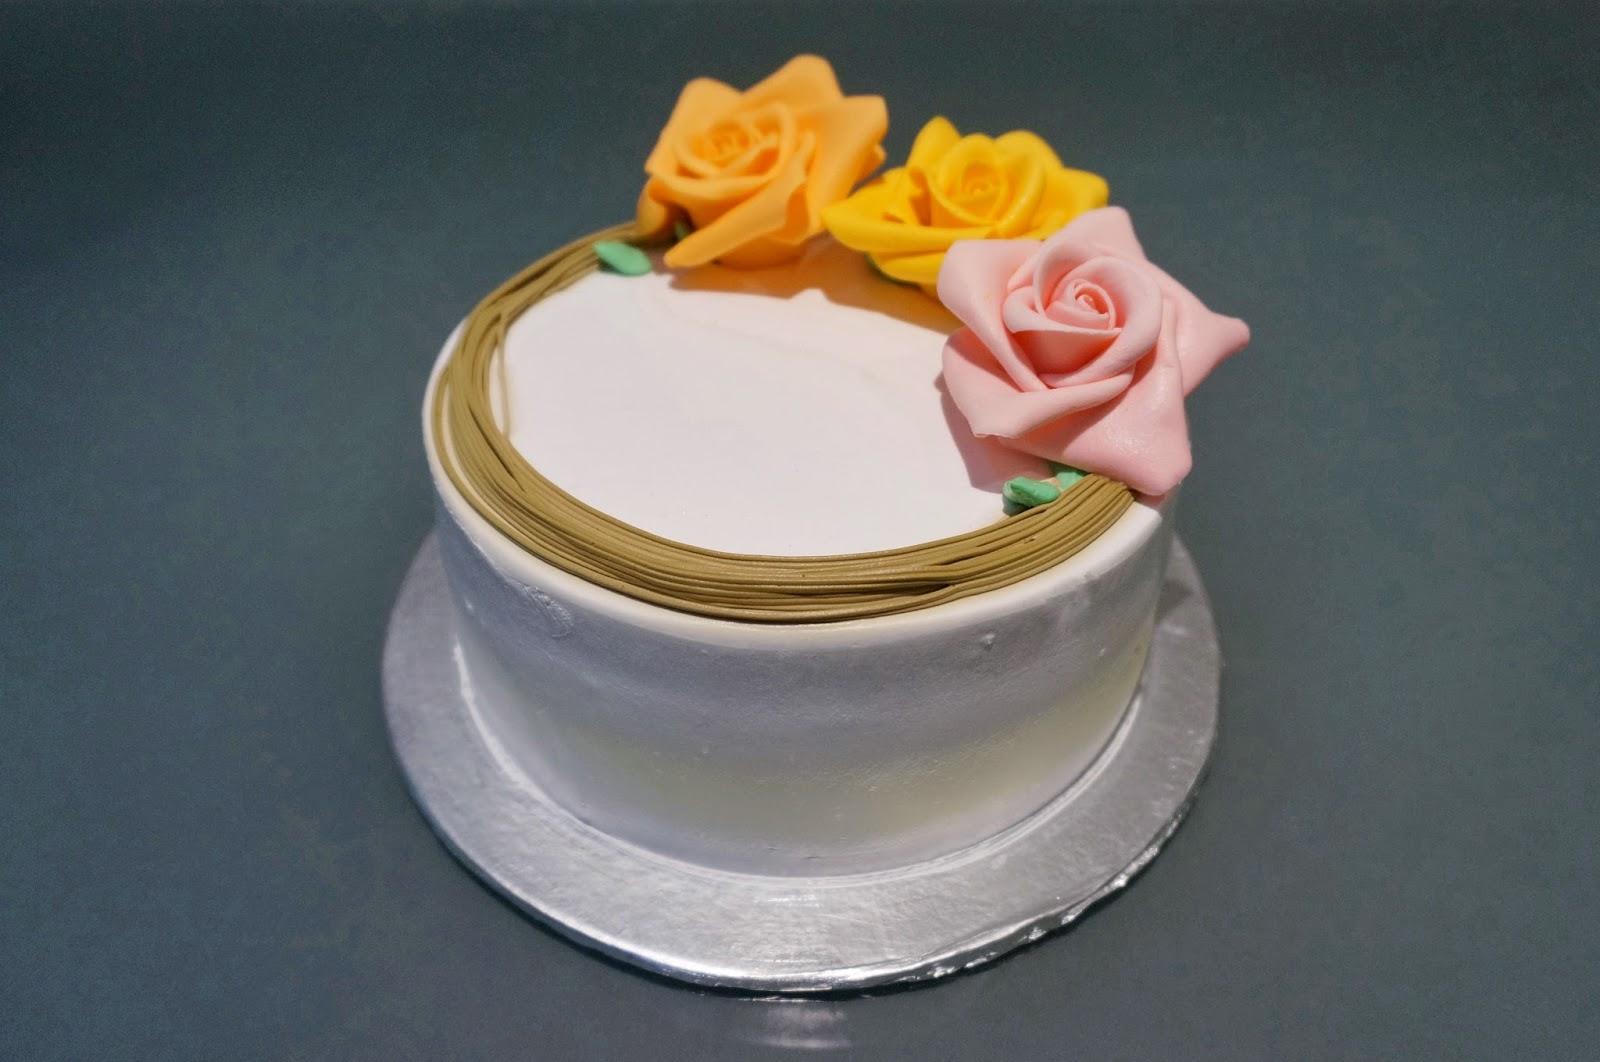 Emicakes Yam Cake